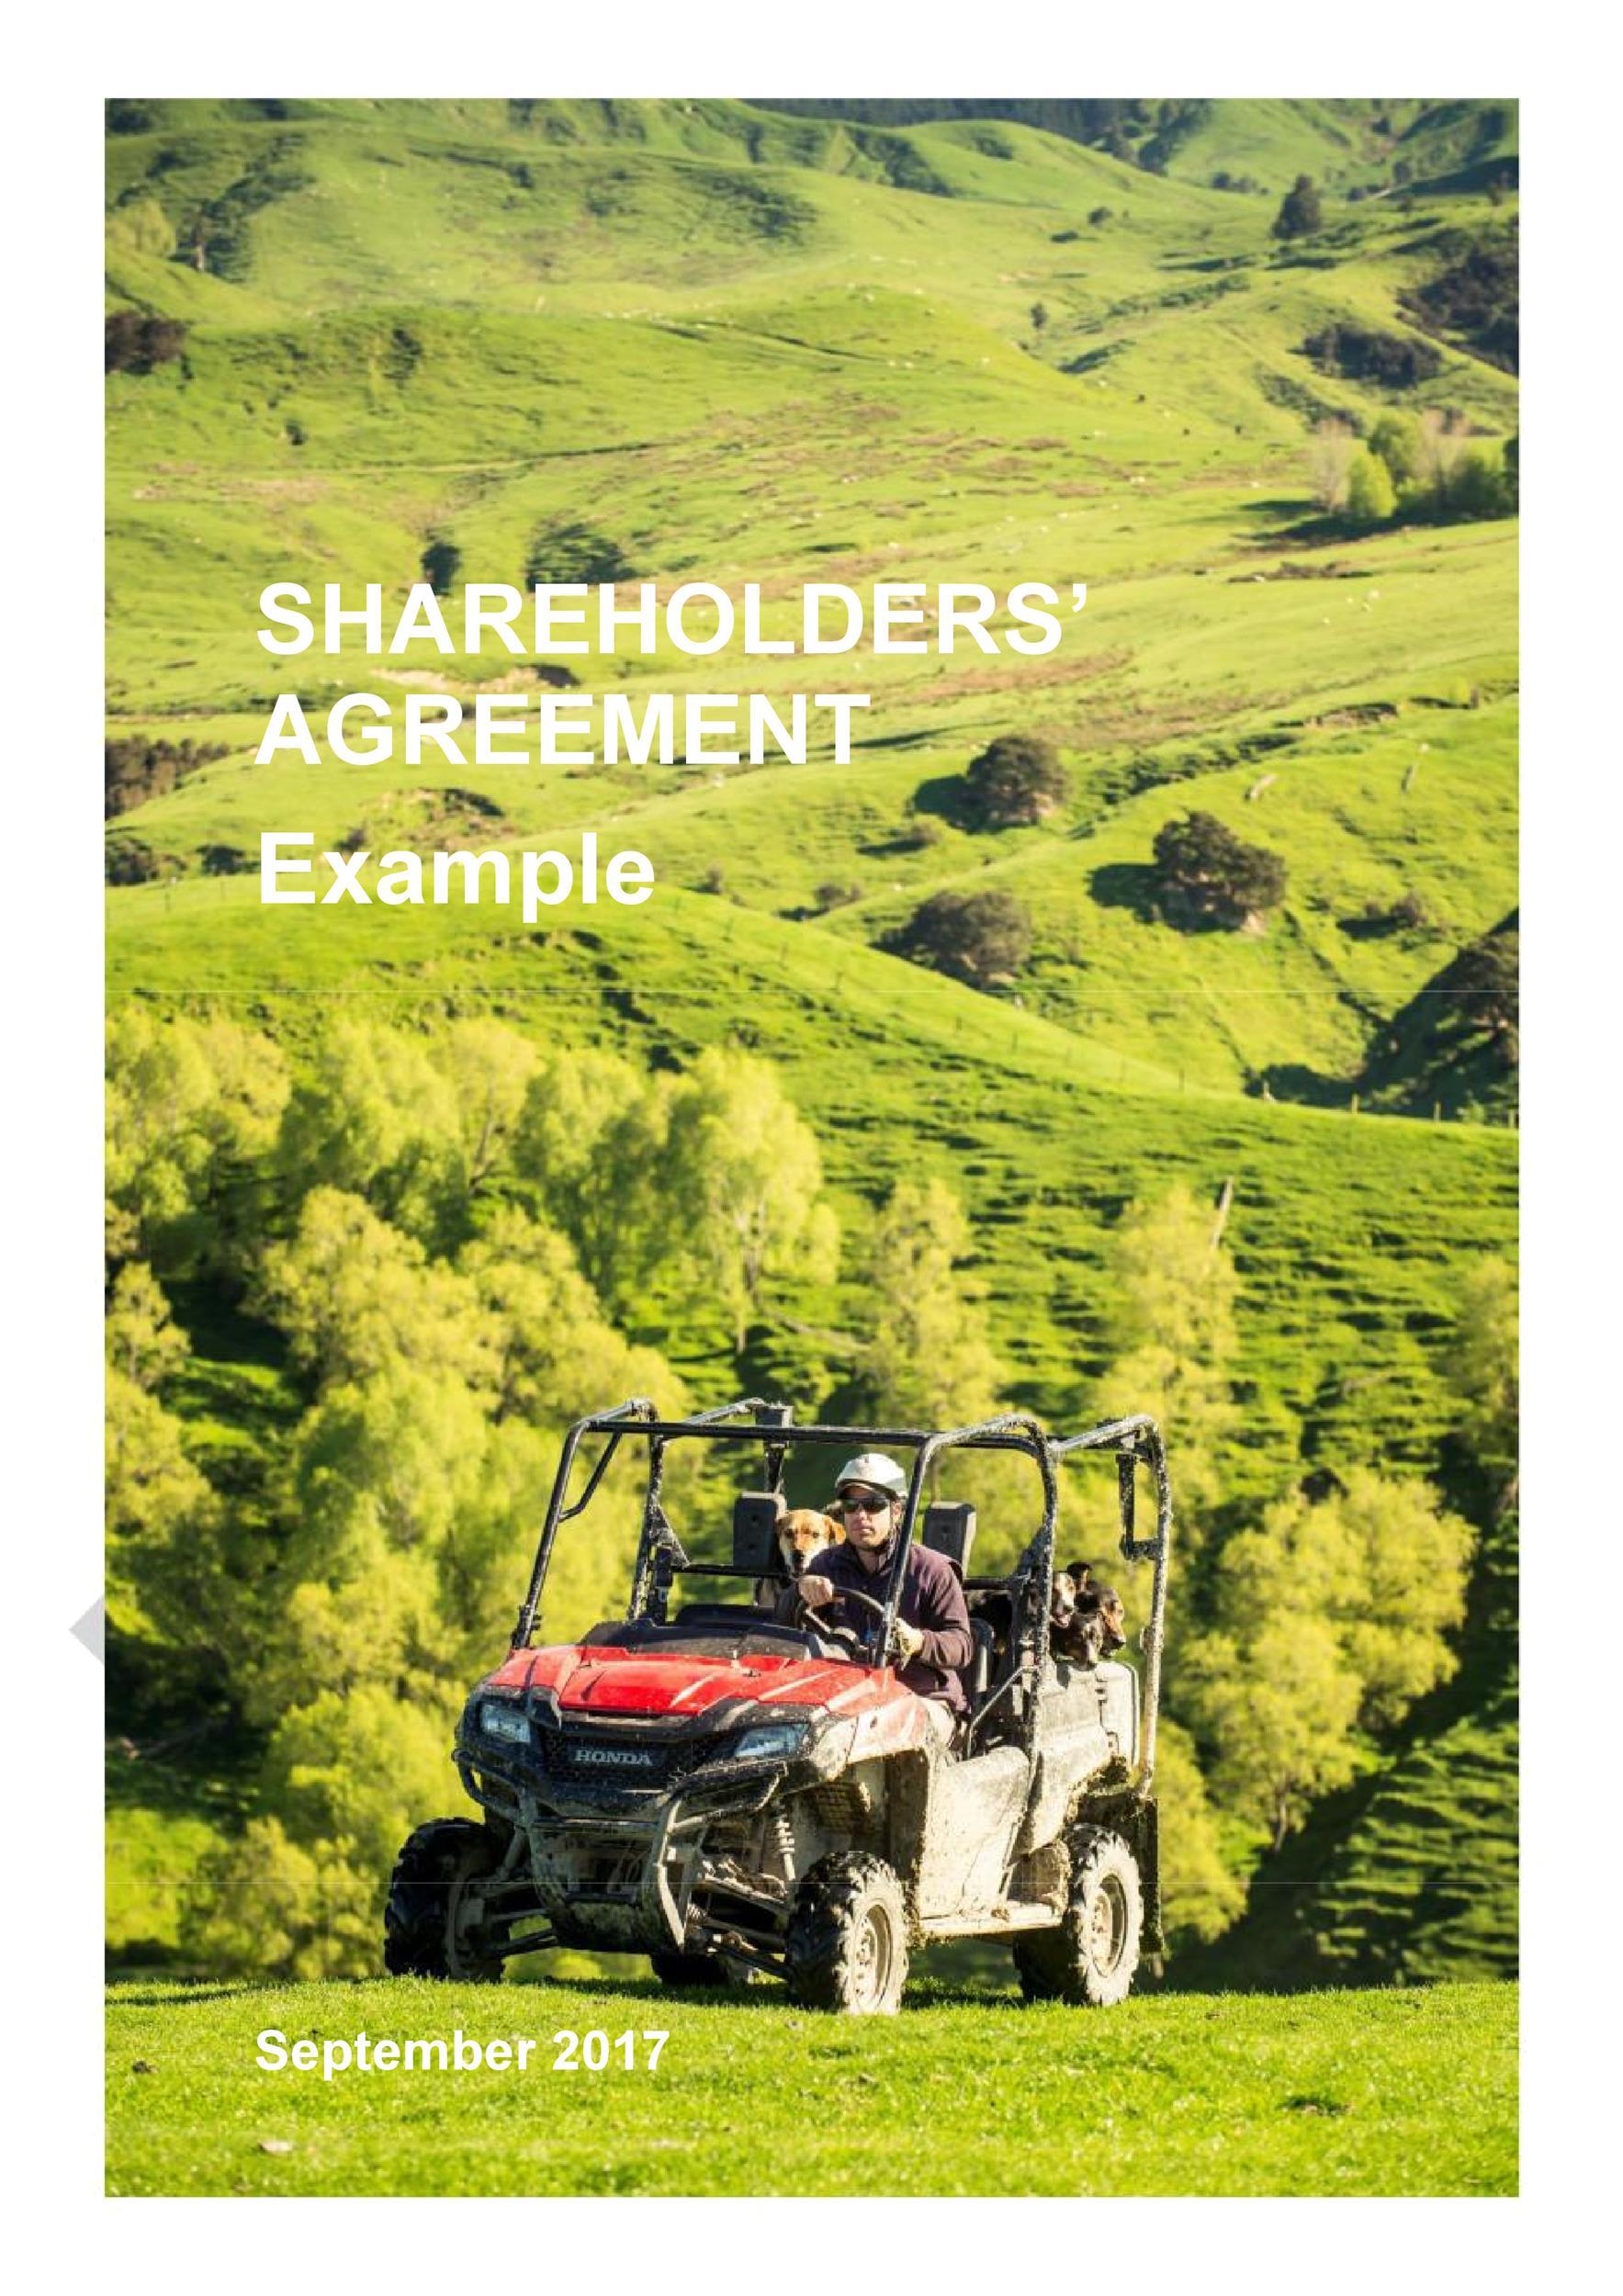 Free shareholder agreement 05